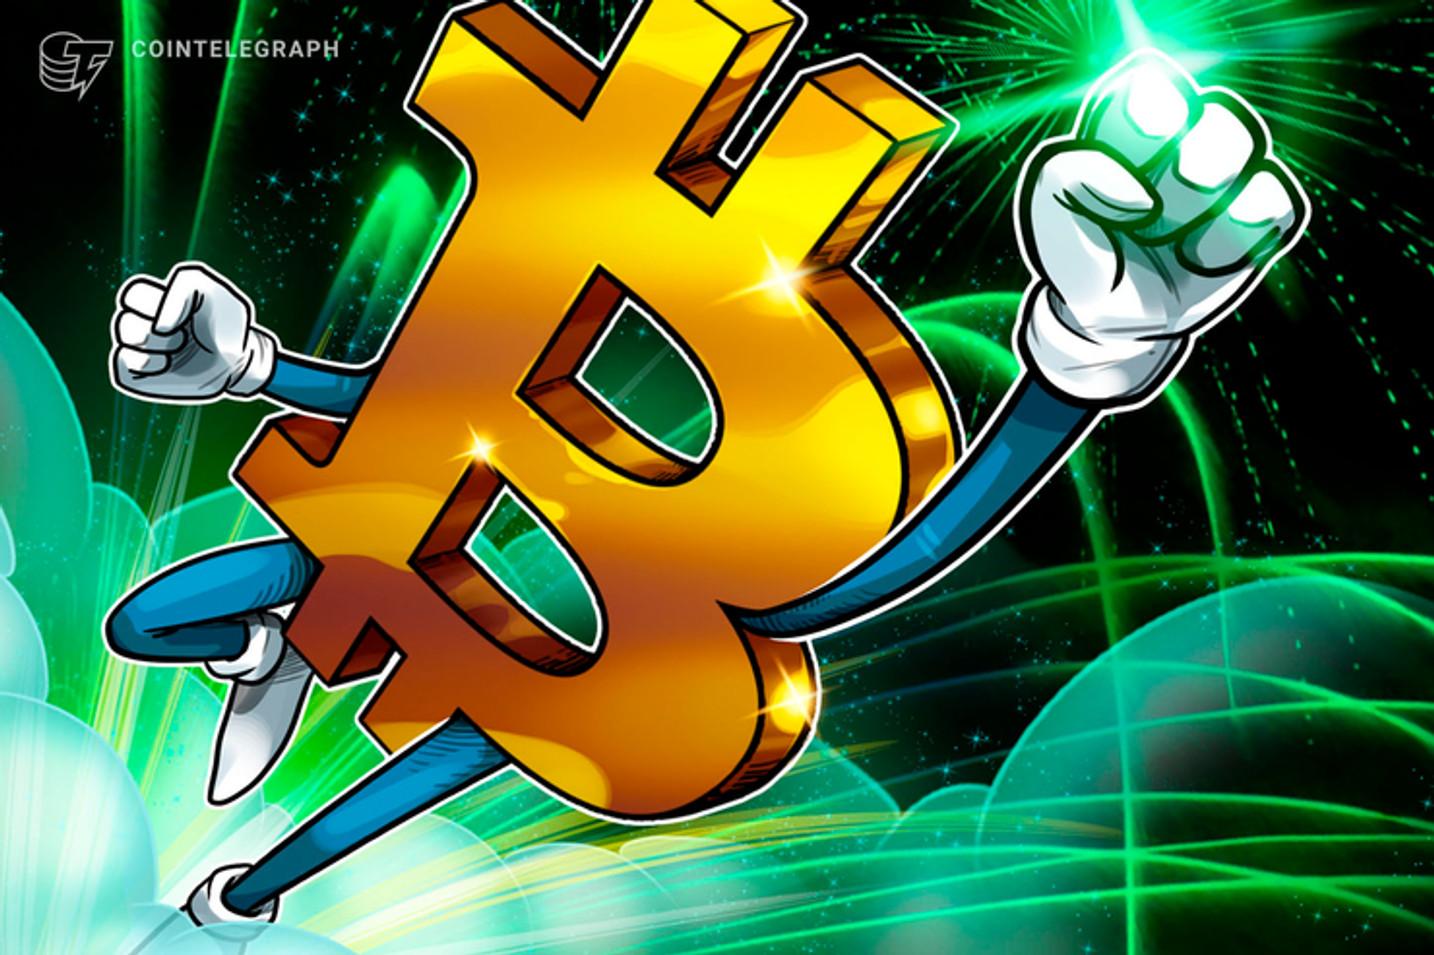 CEO da HyperBlock sugere campanha de 'marketing de referência' para impulsionar o preço do BTC